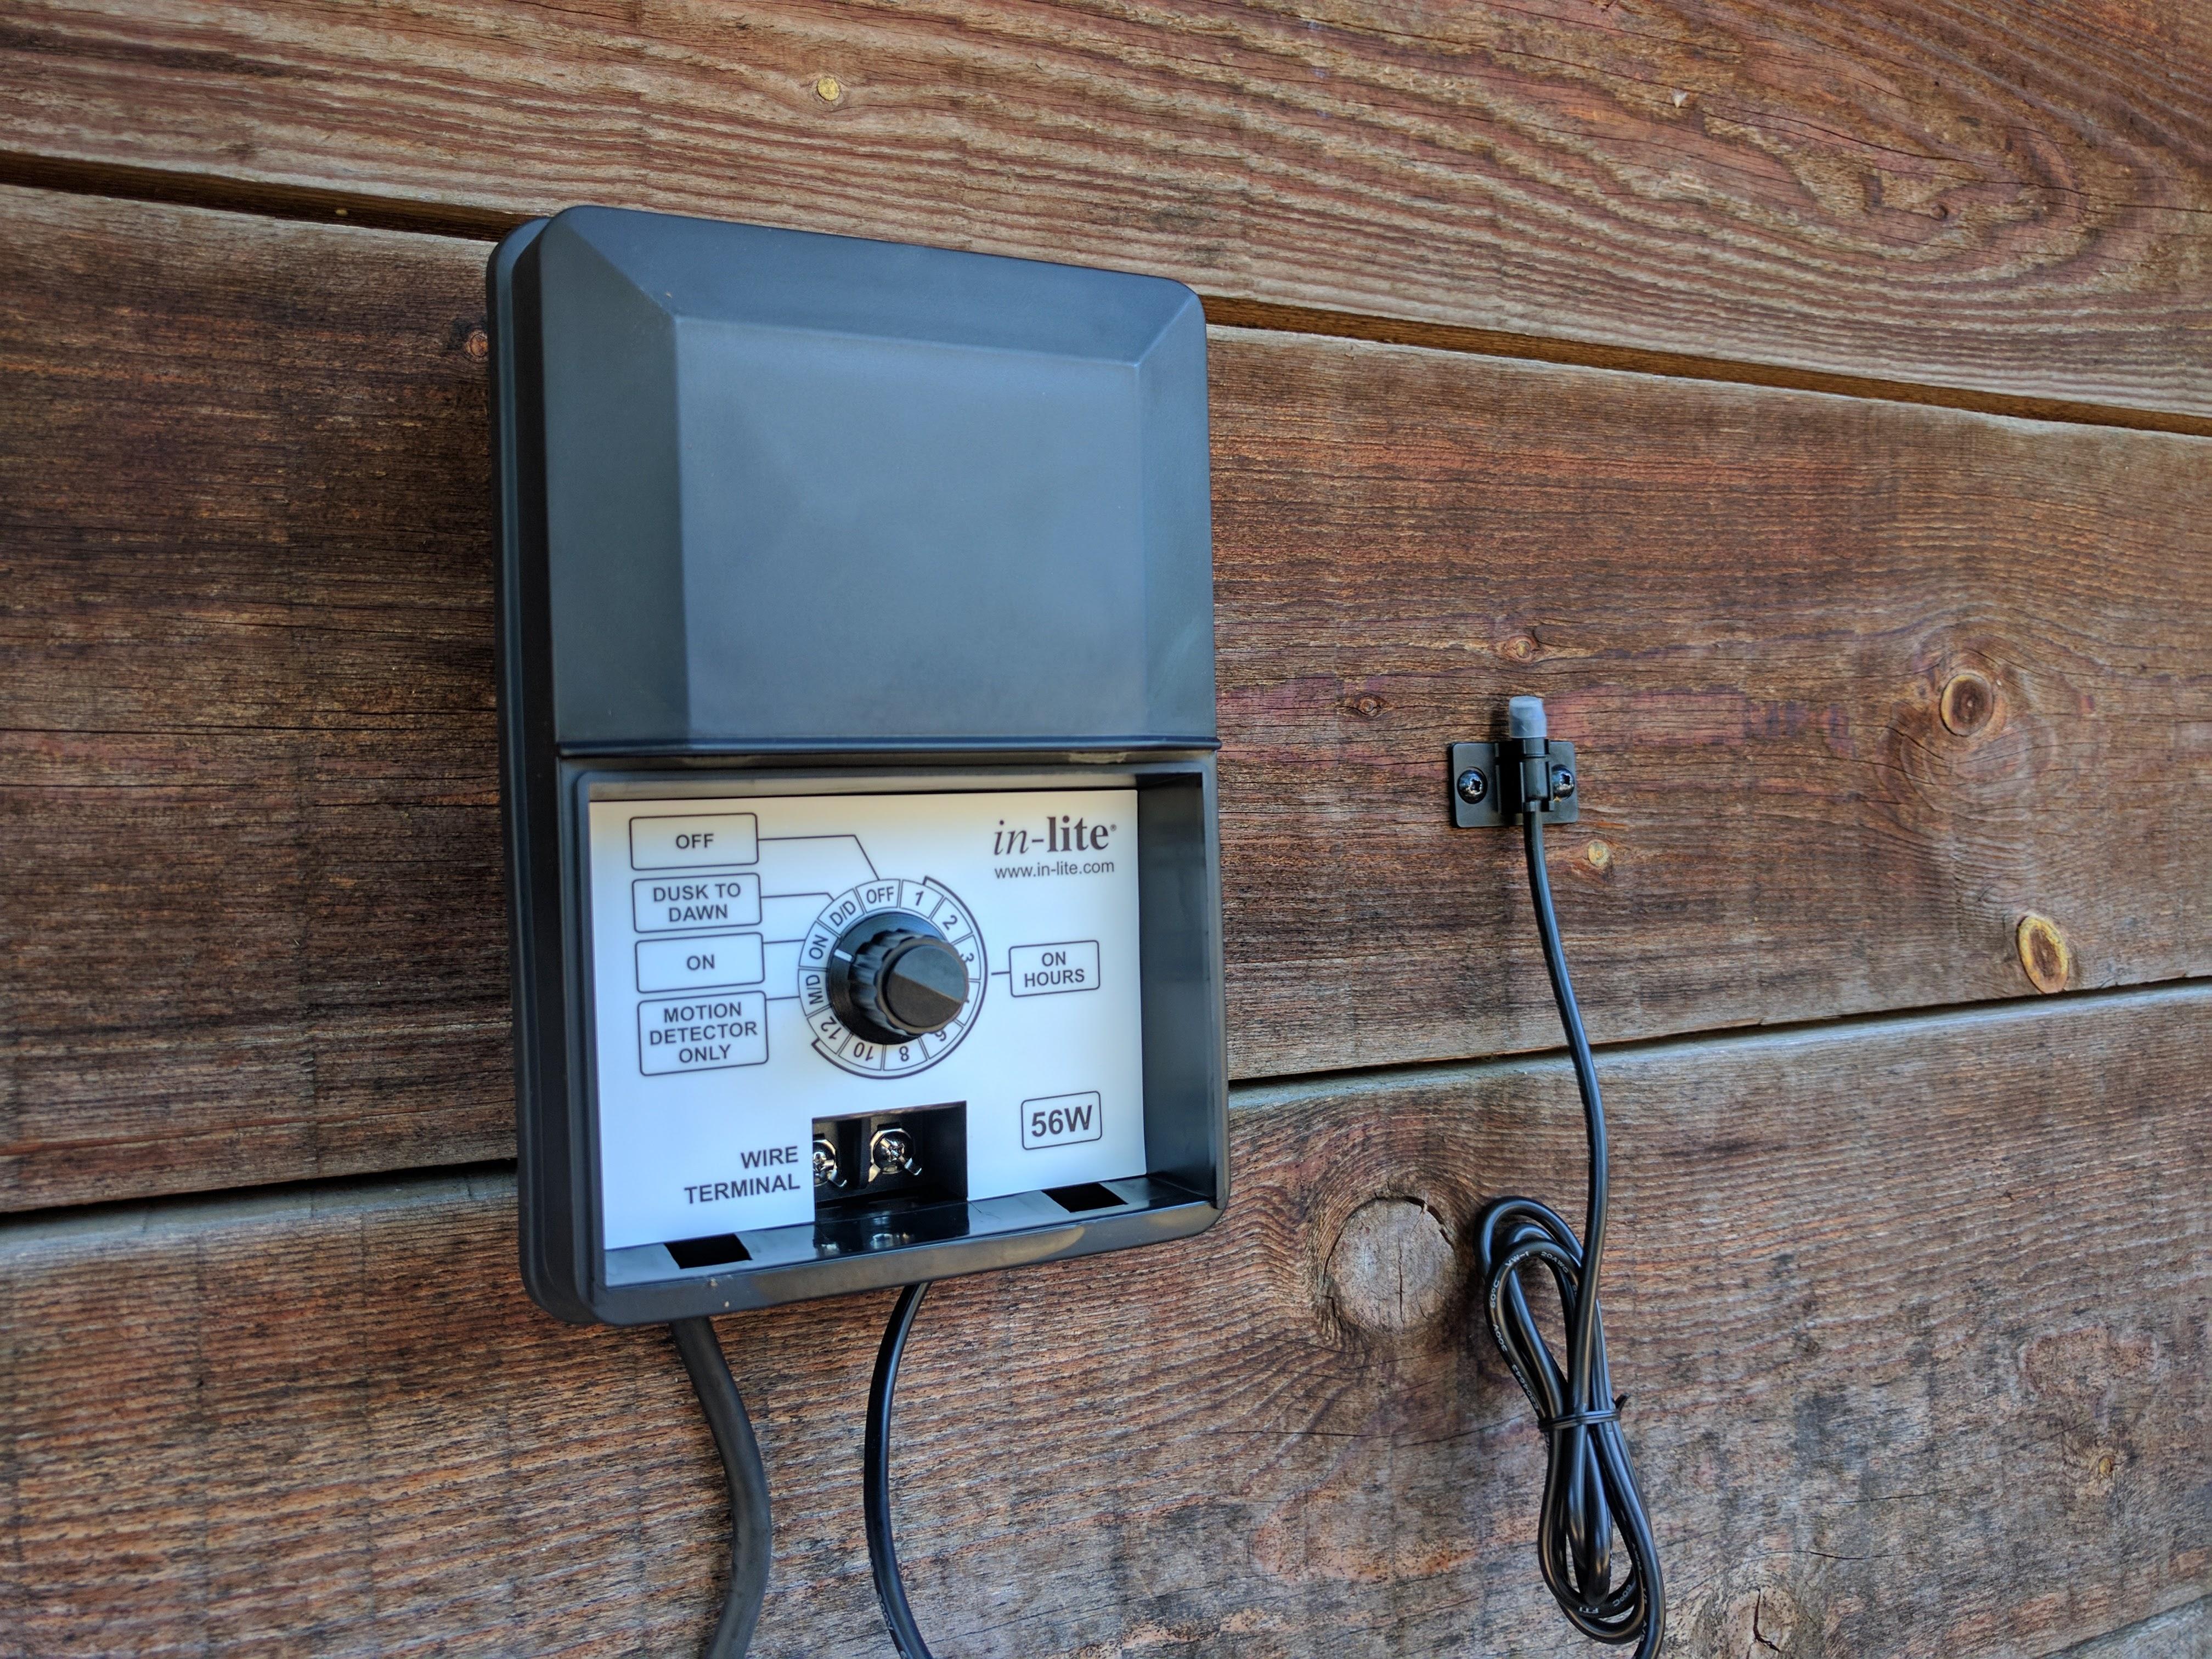 Comment Installer Un Eclairage Exterieur eclairage extérieur 12 volts vs 230 volts! réponse en 7